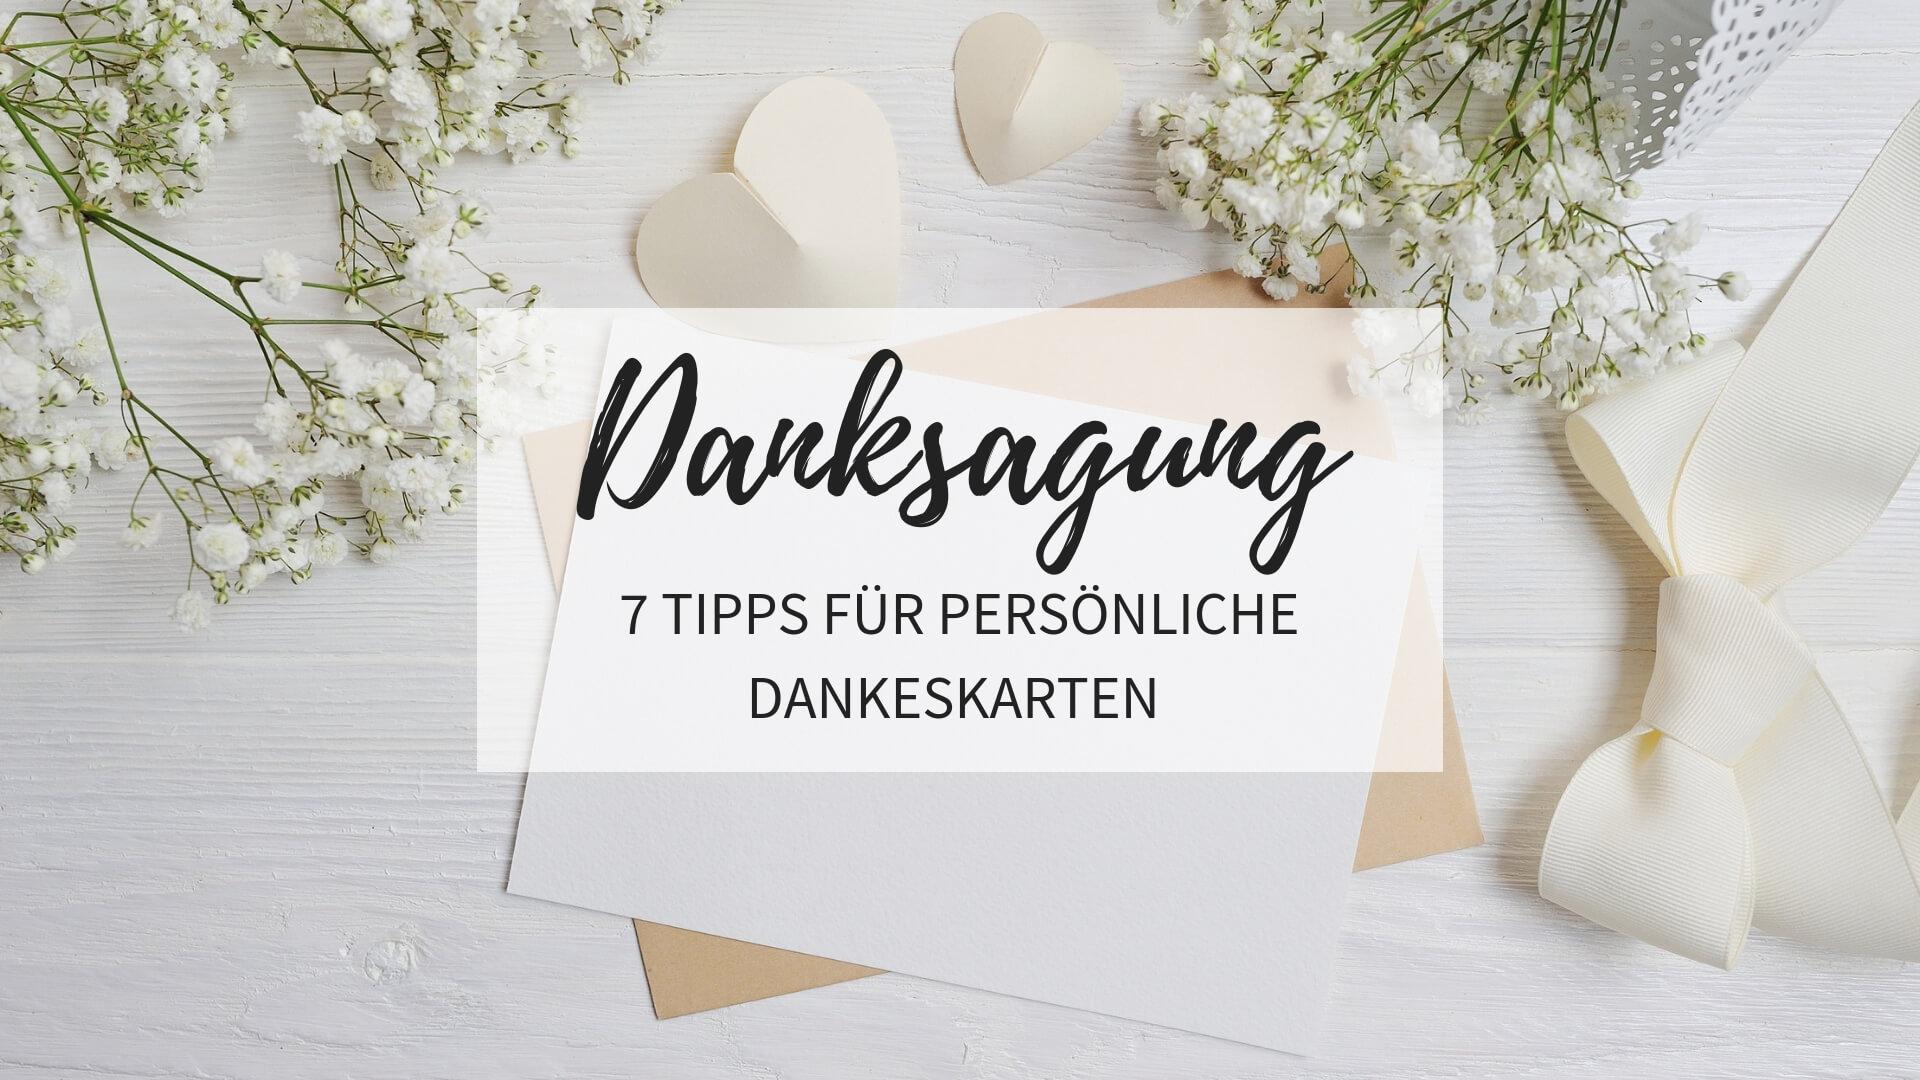 Danksagung Nach Der Hochzeit: 7 Tipps Für Persönliche innen Dankes Karten